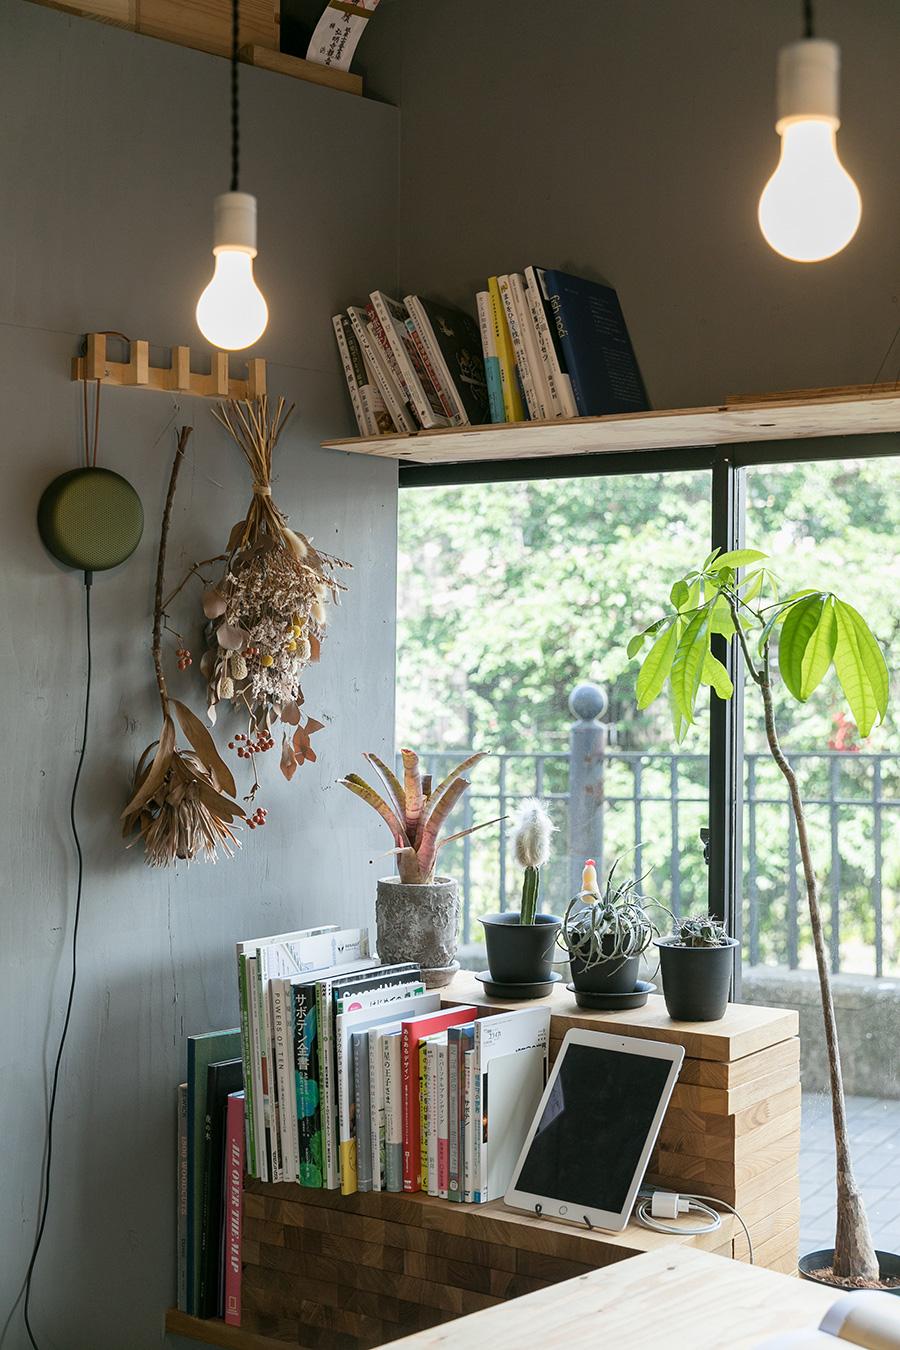 窓の外に大岡川の緑が広がる。桜の時期は川沿いの道がとても賑わうのだとか。窓の上にも本棚を設置。